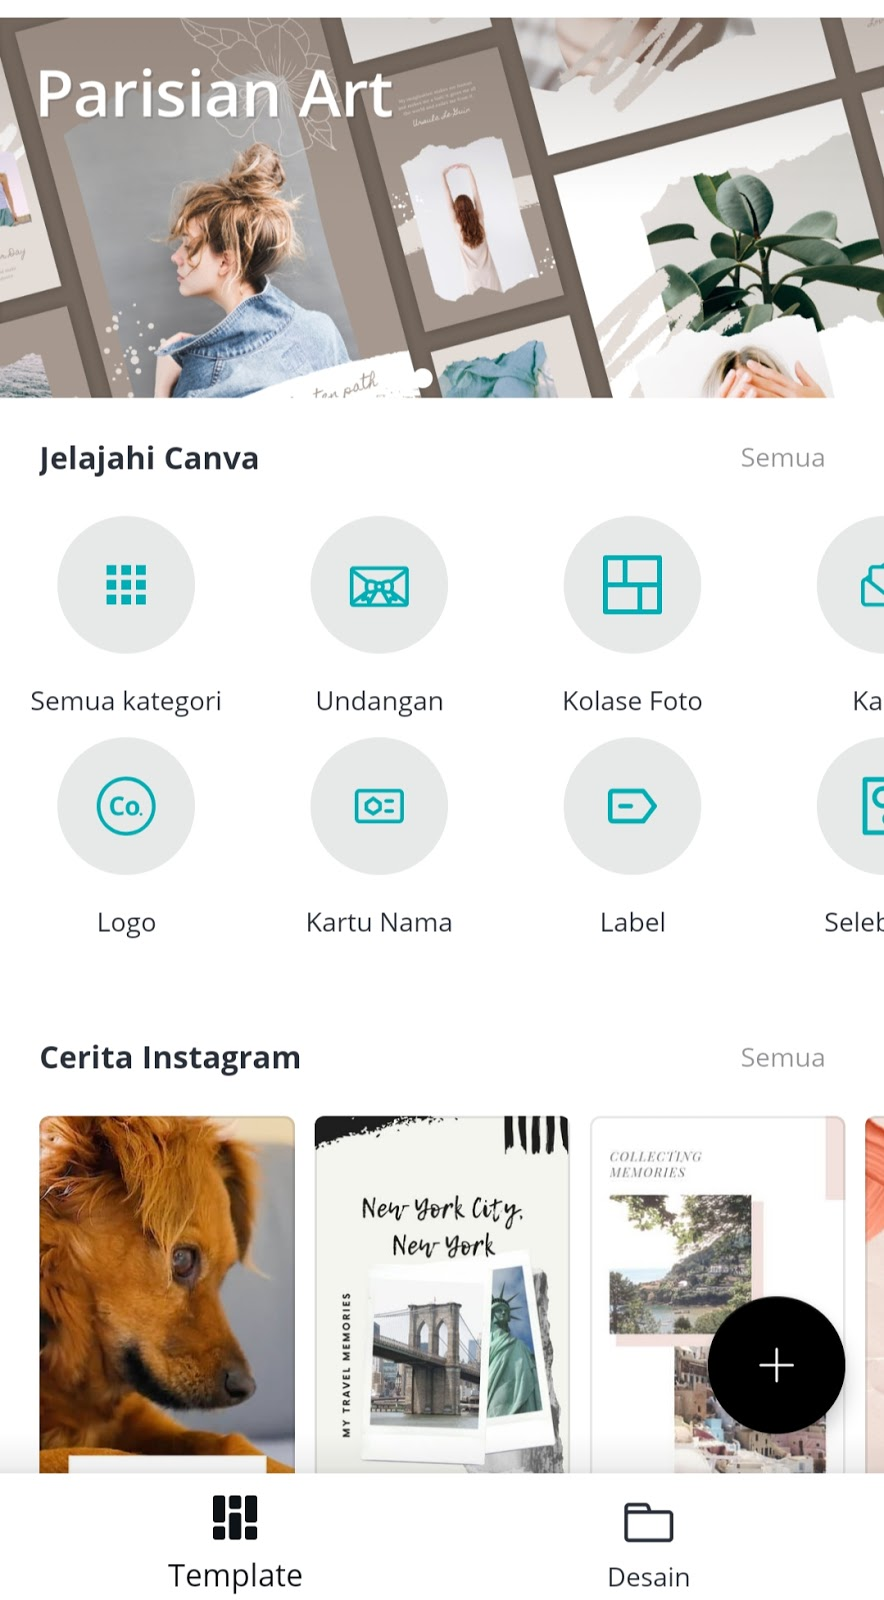 Mengubah Ukuran Foto 3x4 Online : mengubah, ukuran, online, Ukuran, Online, Paling, Mudah, PortalJawa